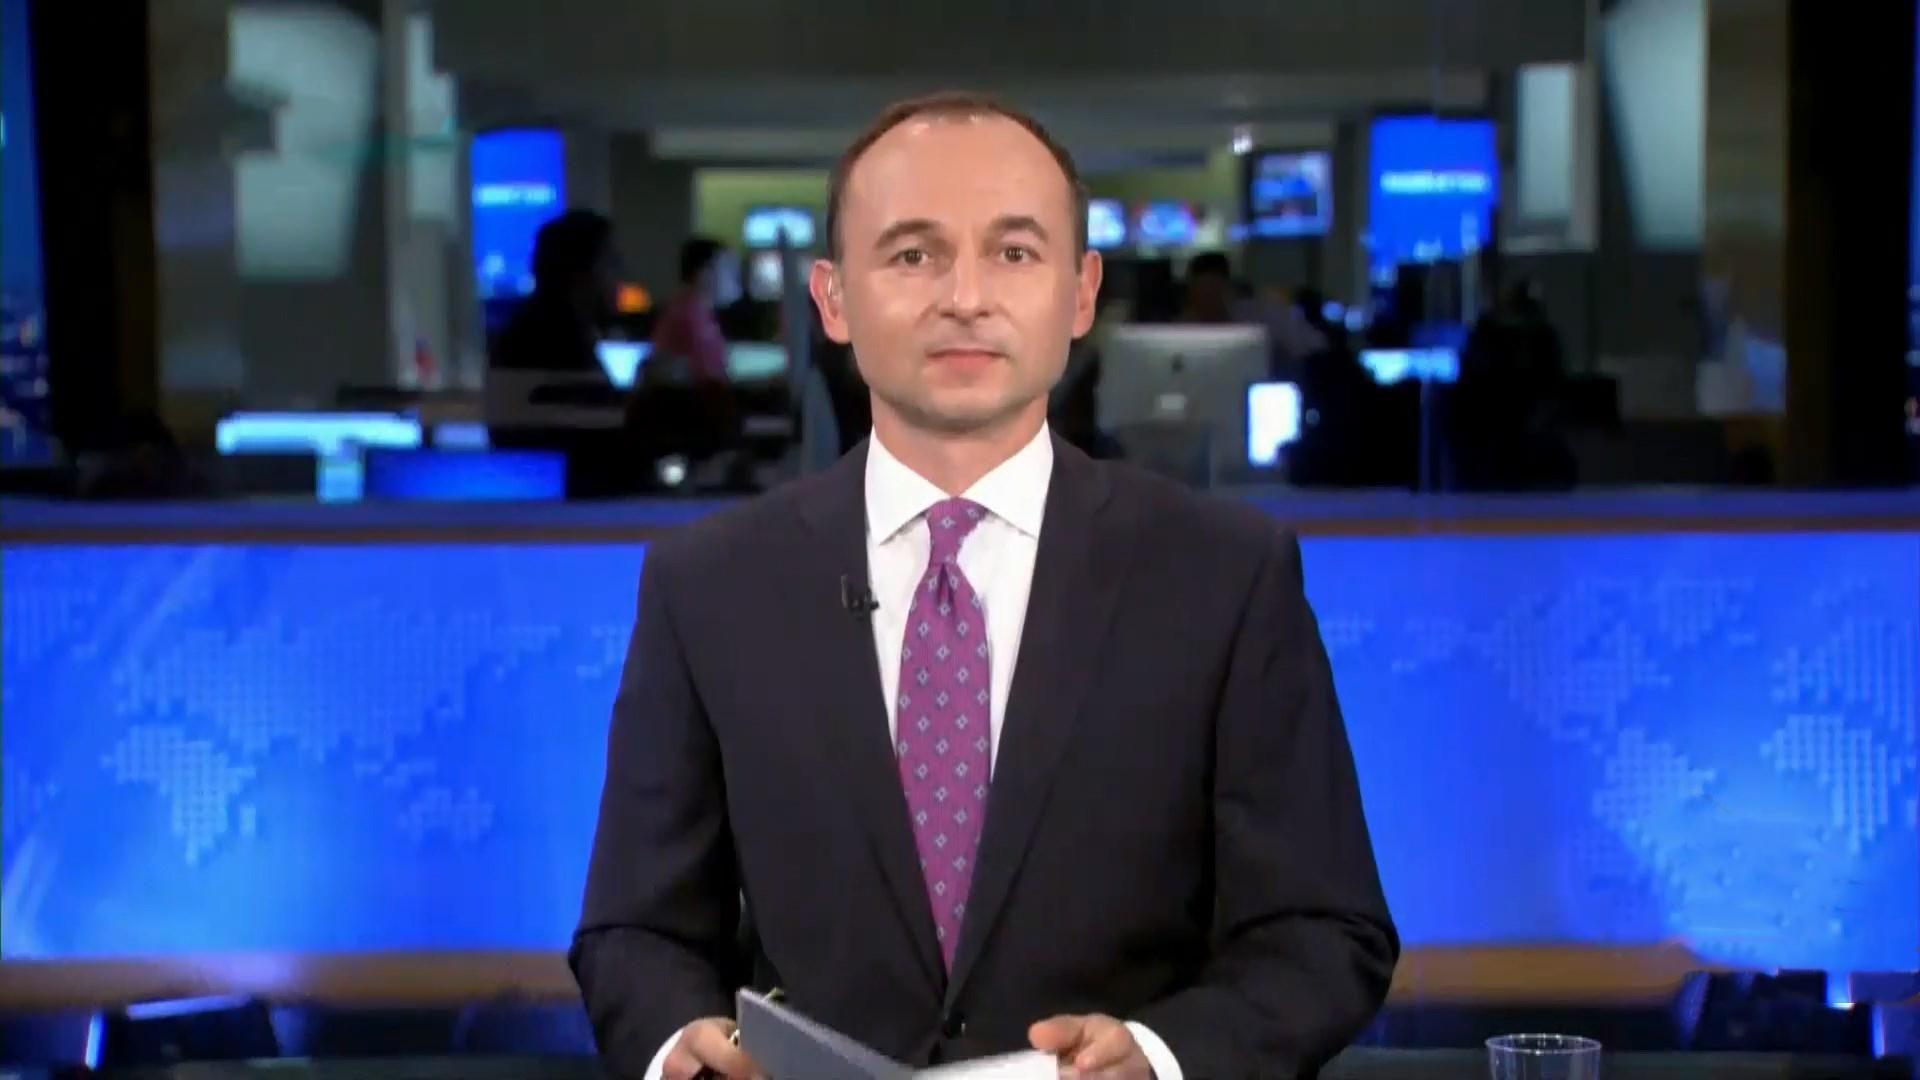 Голос Америки: Что думают украинцы о скандале между США и Украиной - Новости Украины - 24 Канал